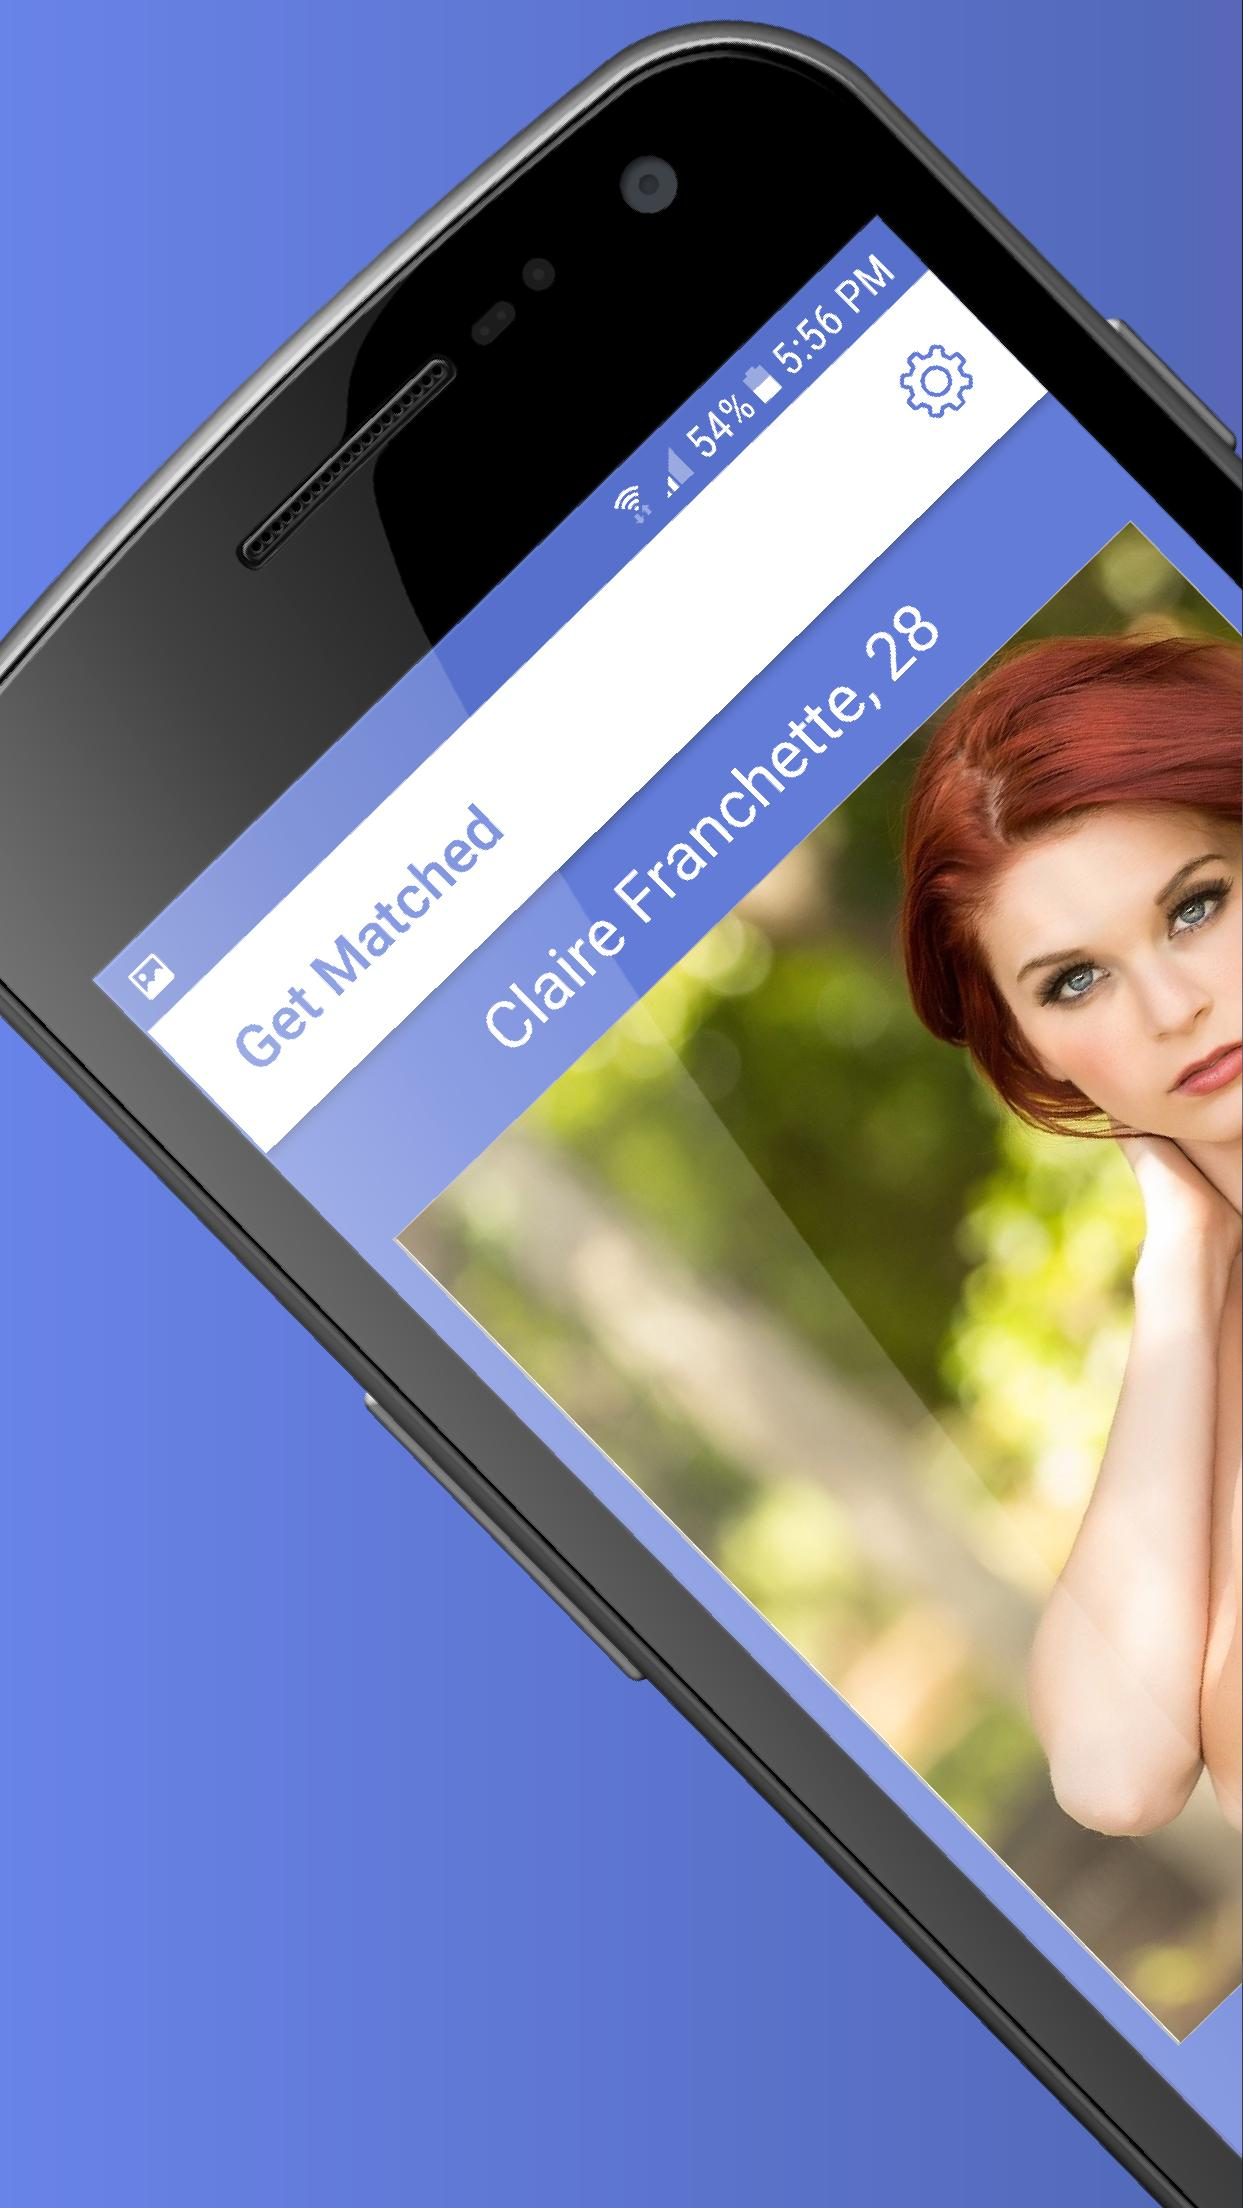 Jeux de rencontres pour Android apk Quel est-il comme datant d'un modèle masculin